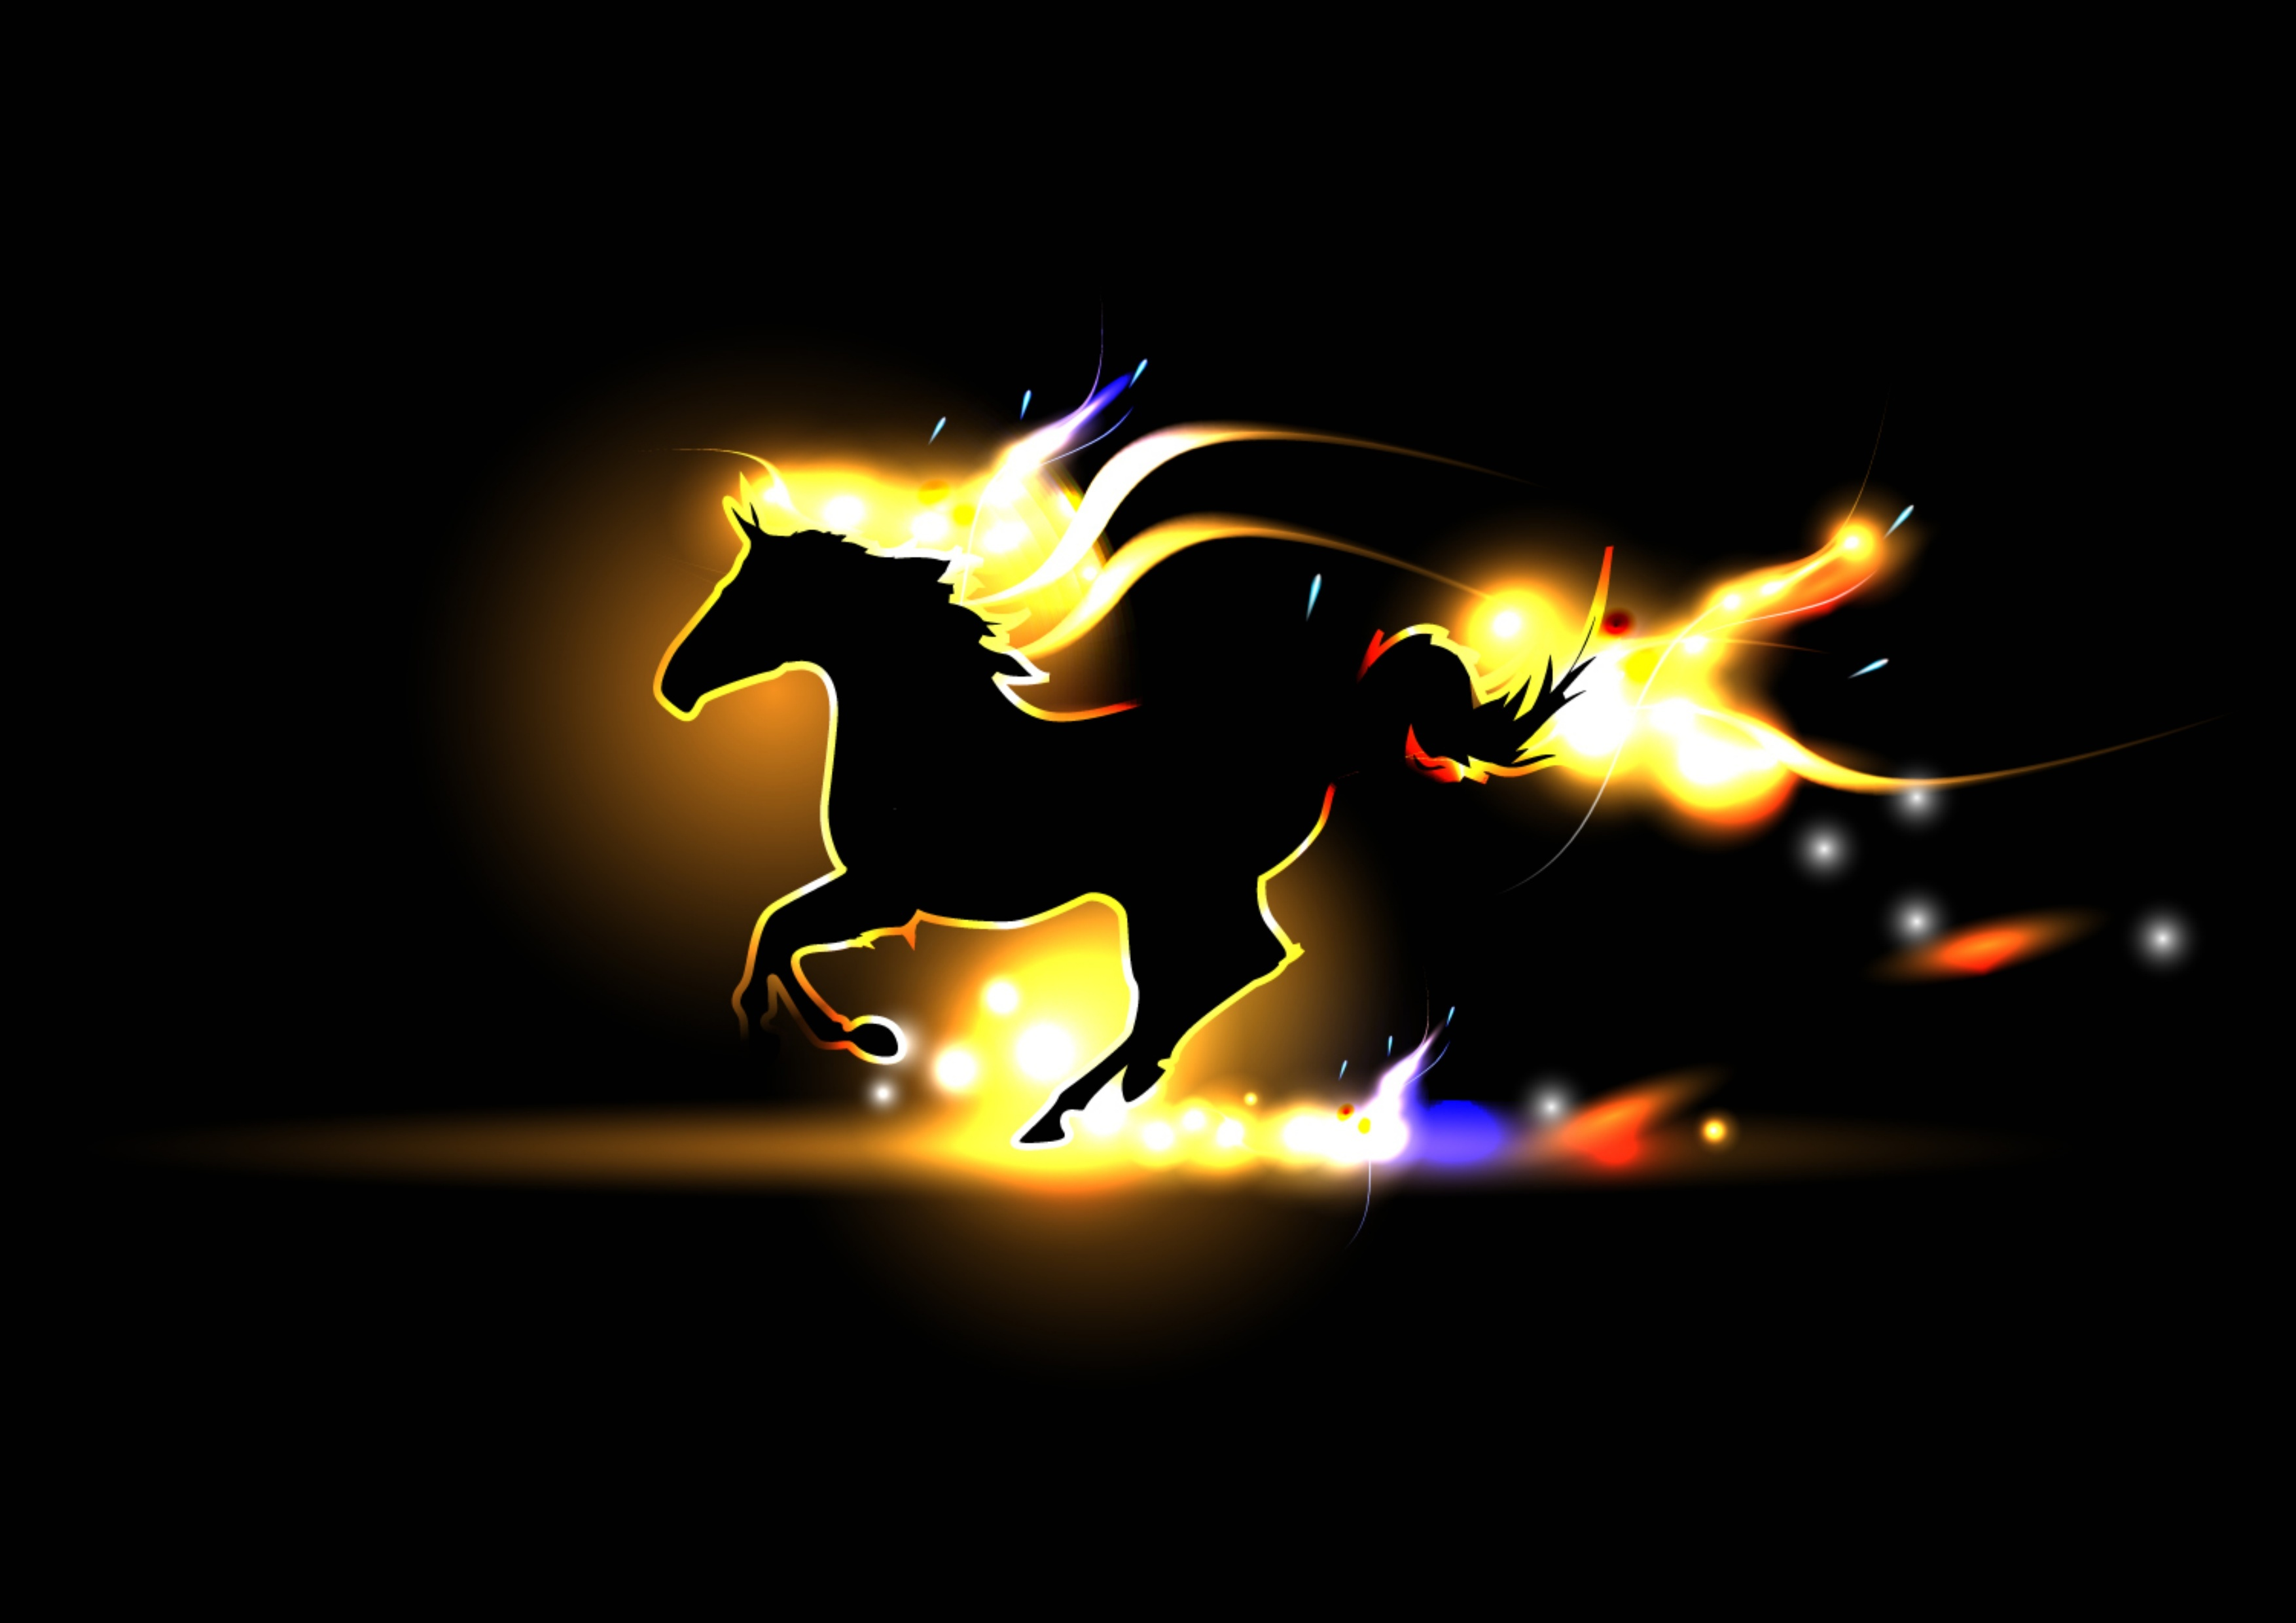 Cool horse wallpaper light